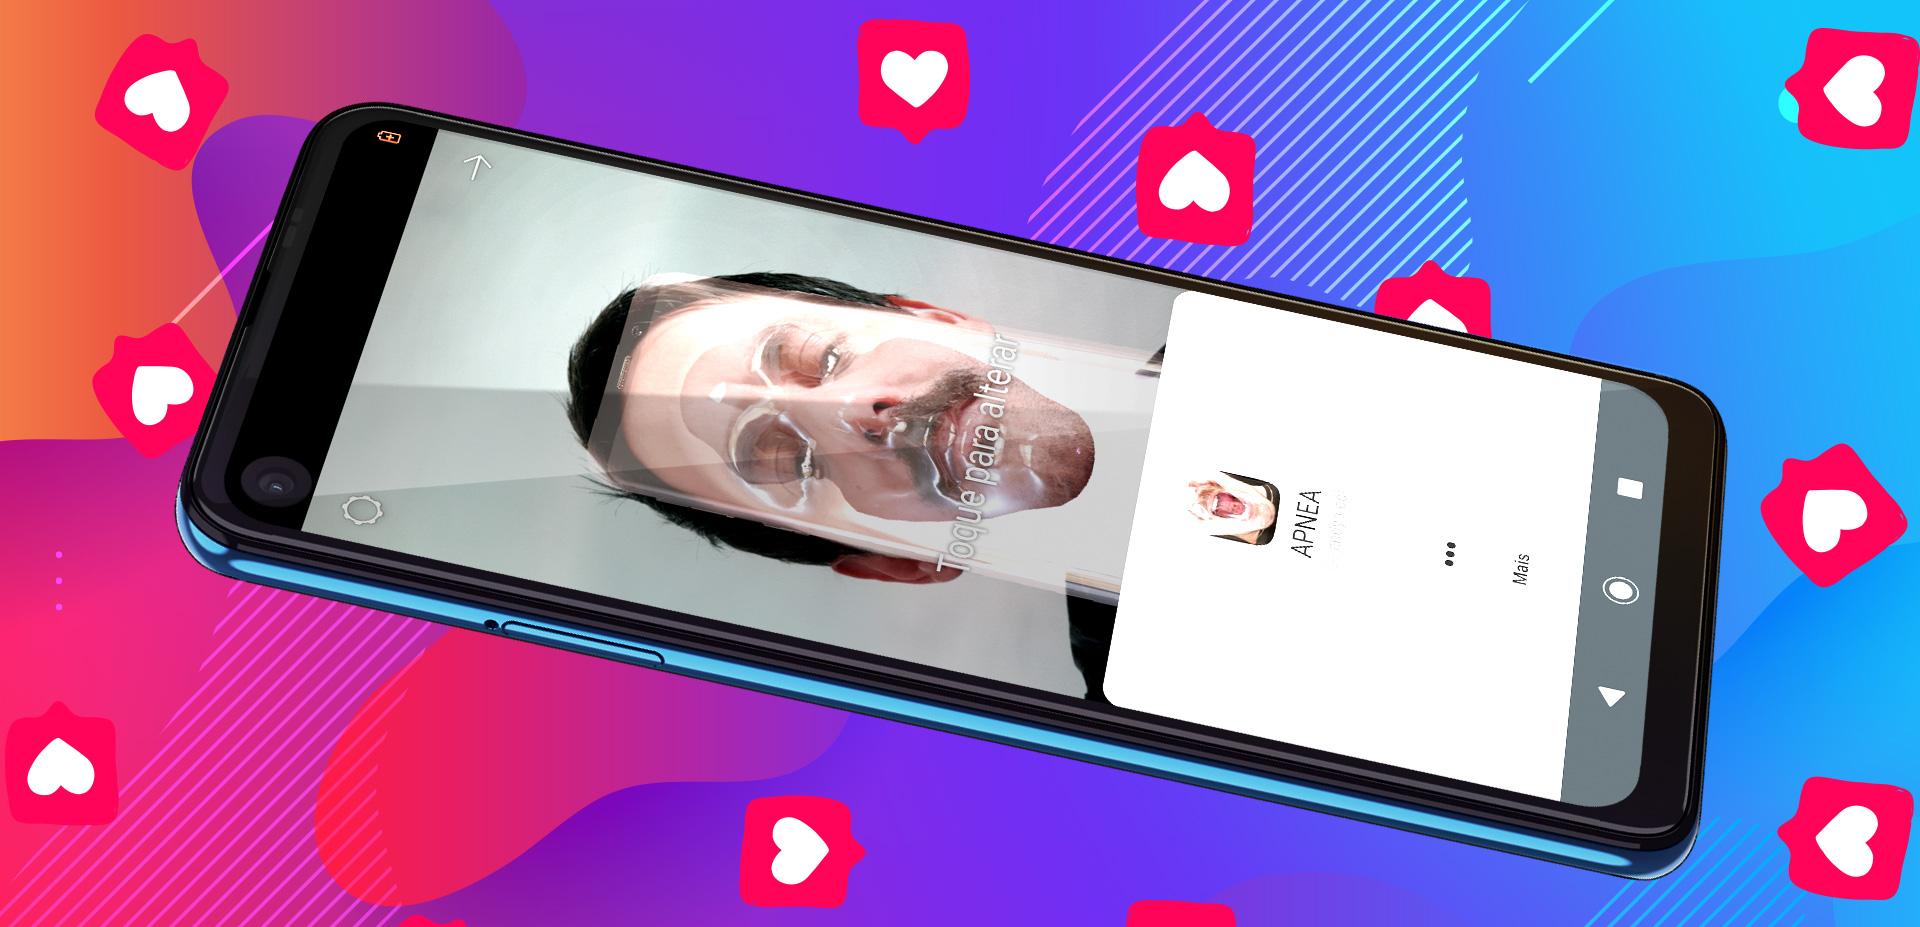 Faça seu filtro no Instagram